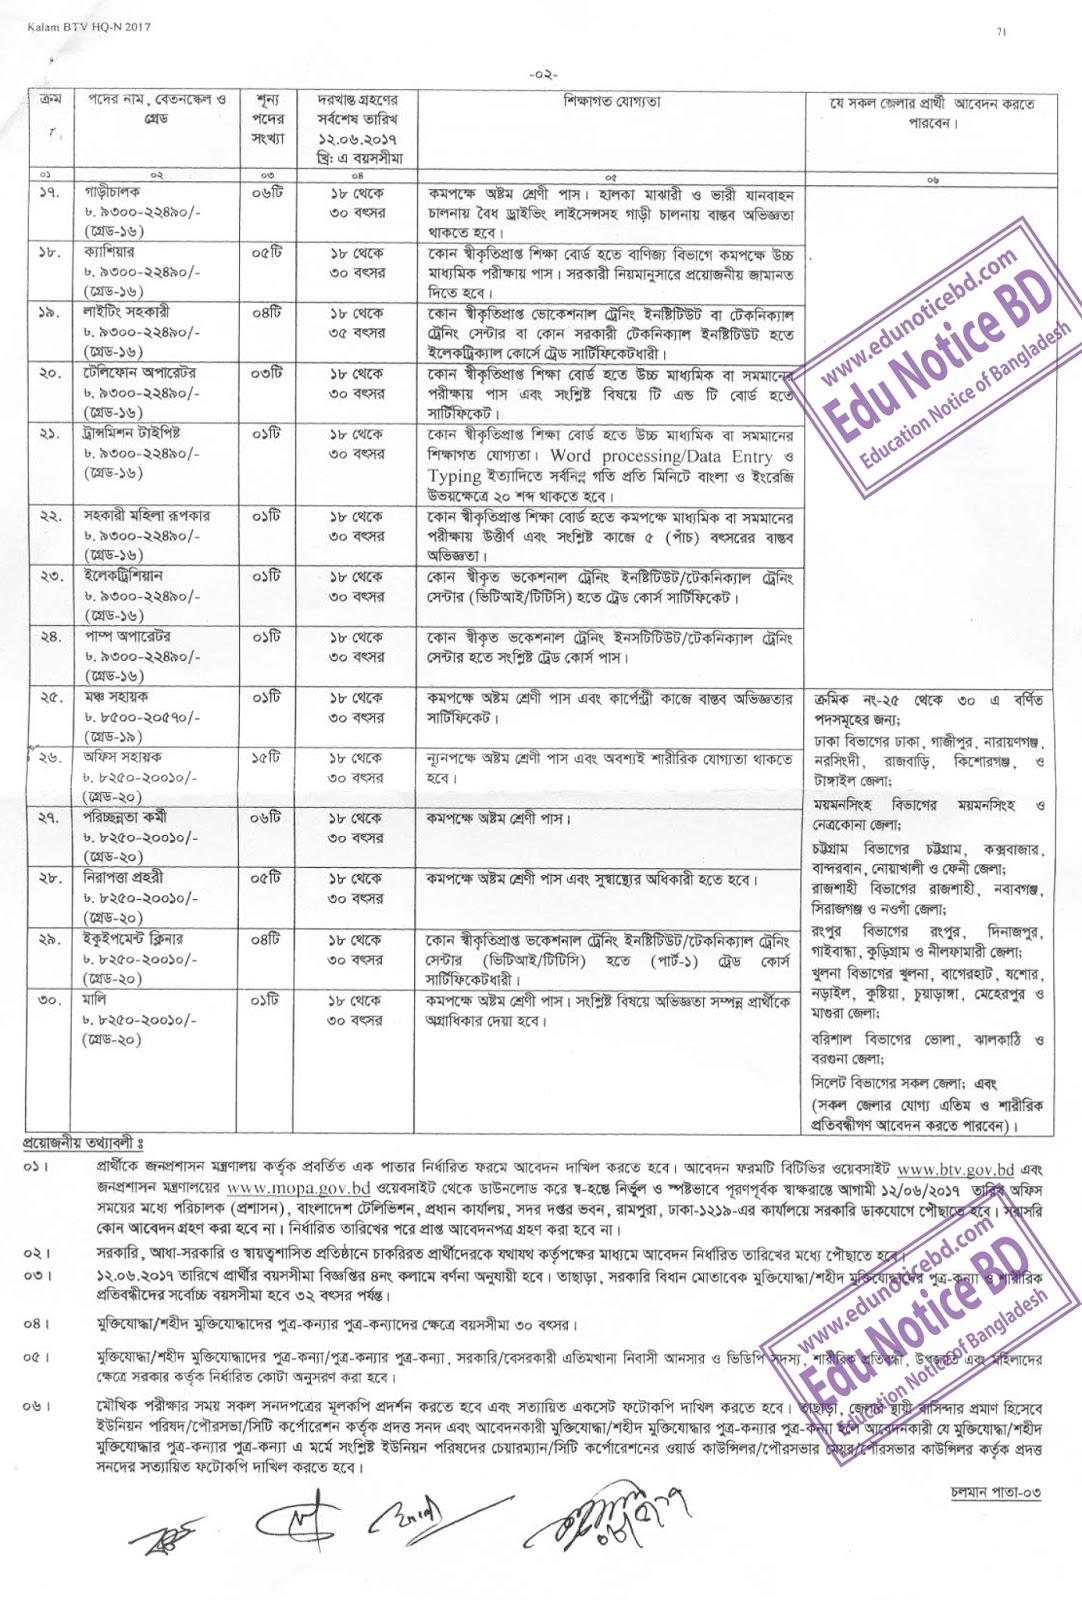 BTV Job Circular 2017 – www.btv.gov.bd by www.edunoticebd.com